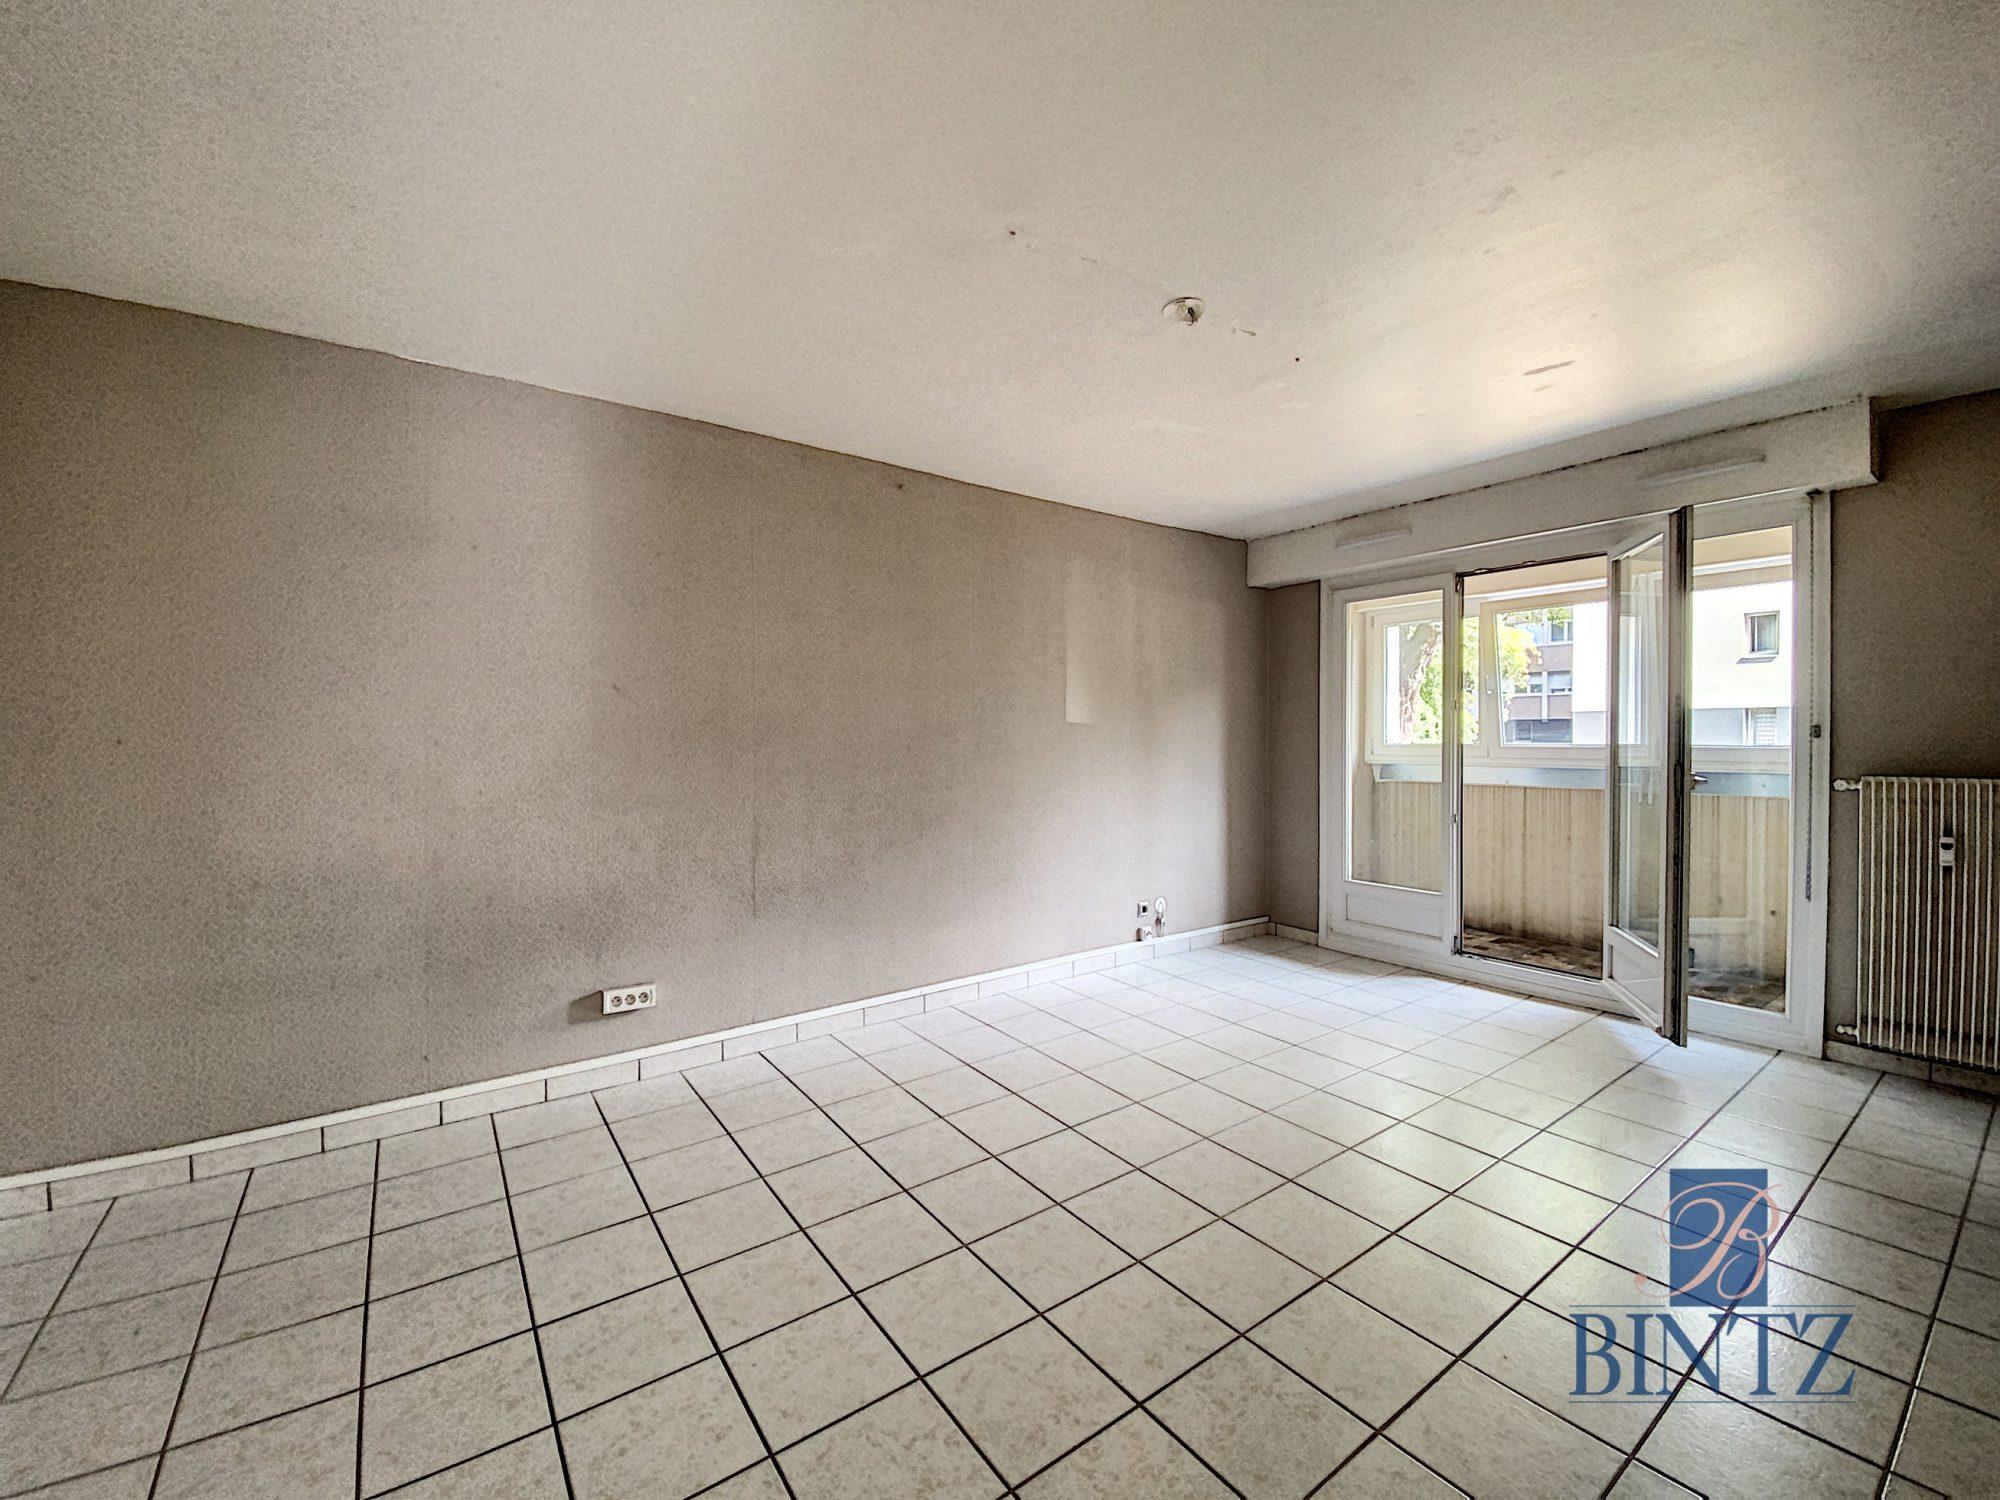 Boulevard la Fontaine Appartement 3 pièces + garage fermé - Devenez propriétaire en toute confiance - Bintz Immobilier - 2